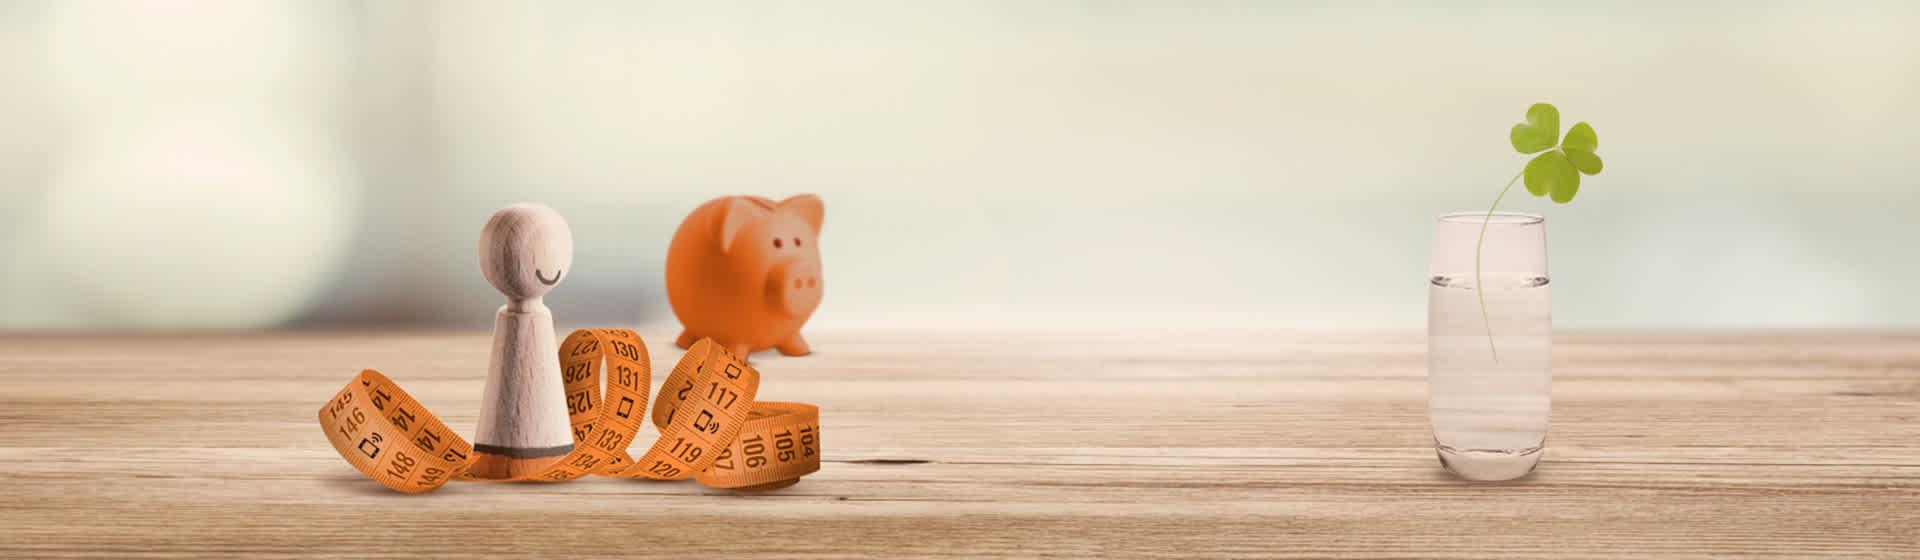 Nebankovne financijske institucije